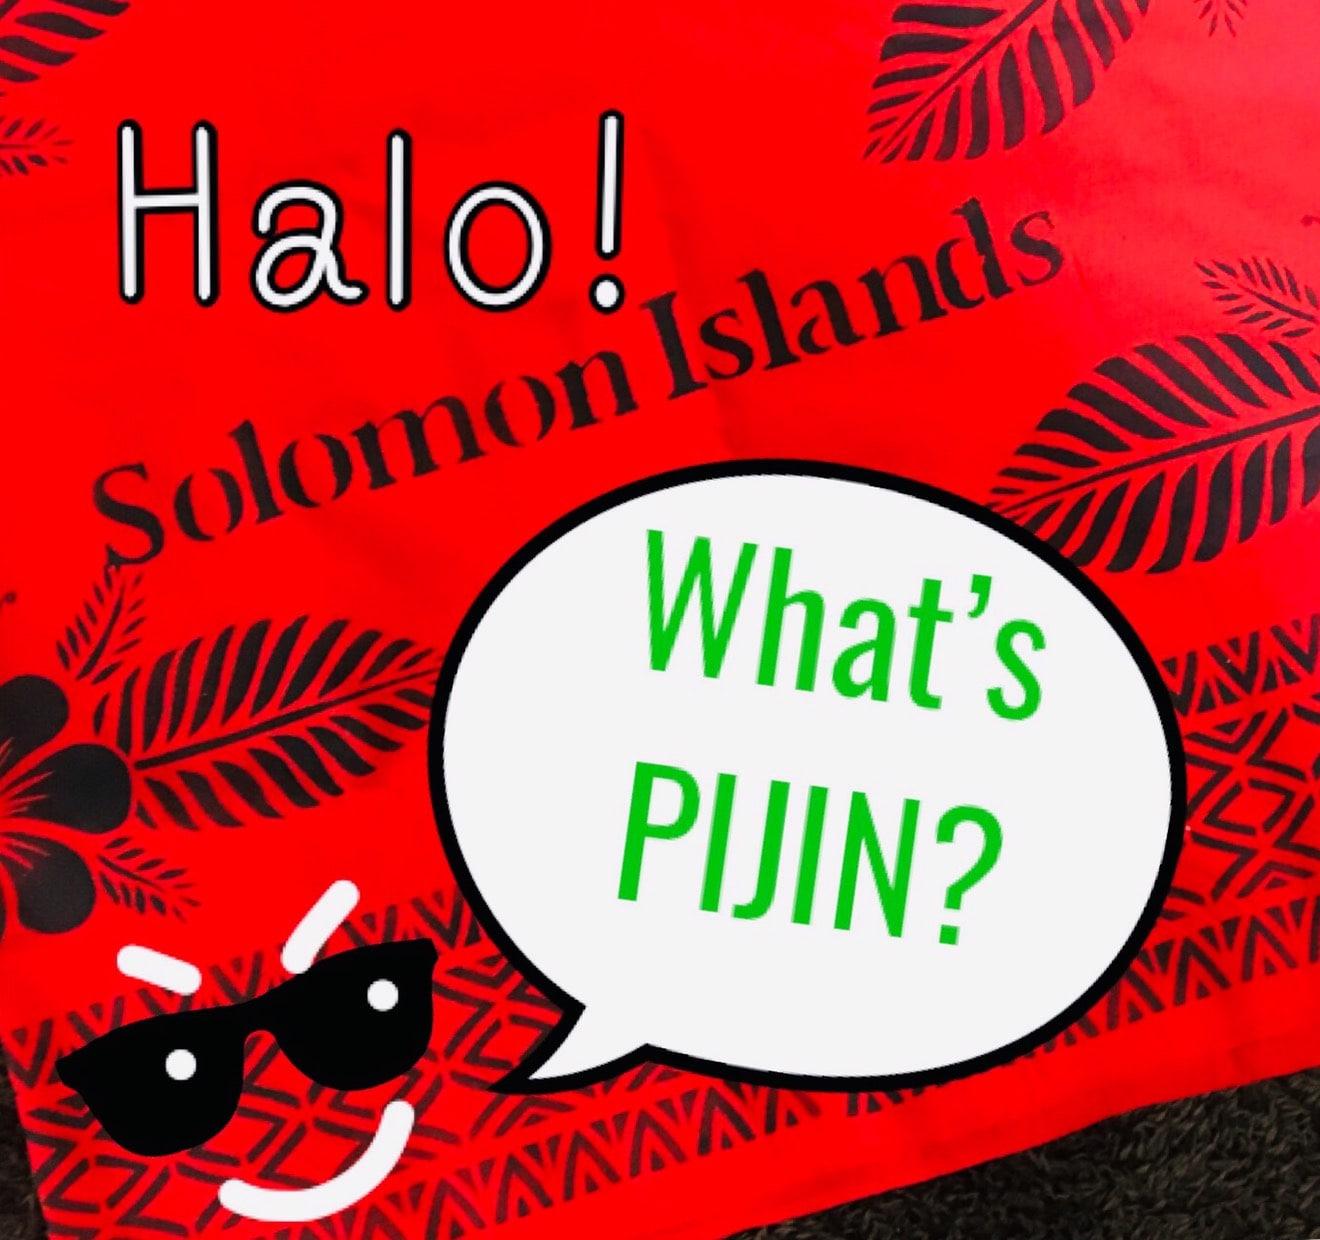 ソロモン諸島で話されるピジン語...